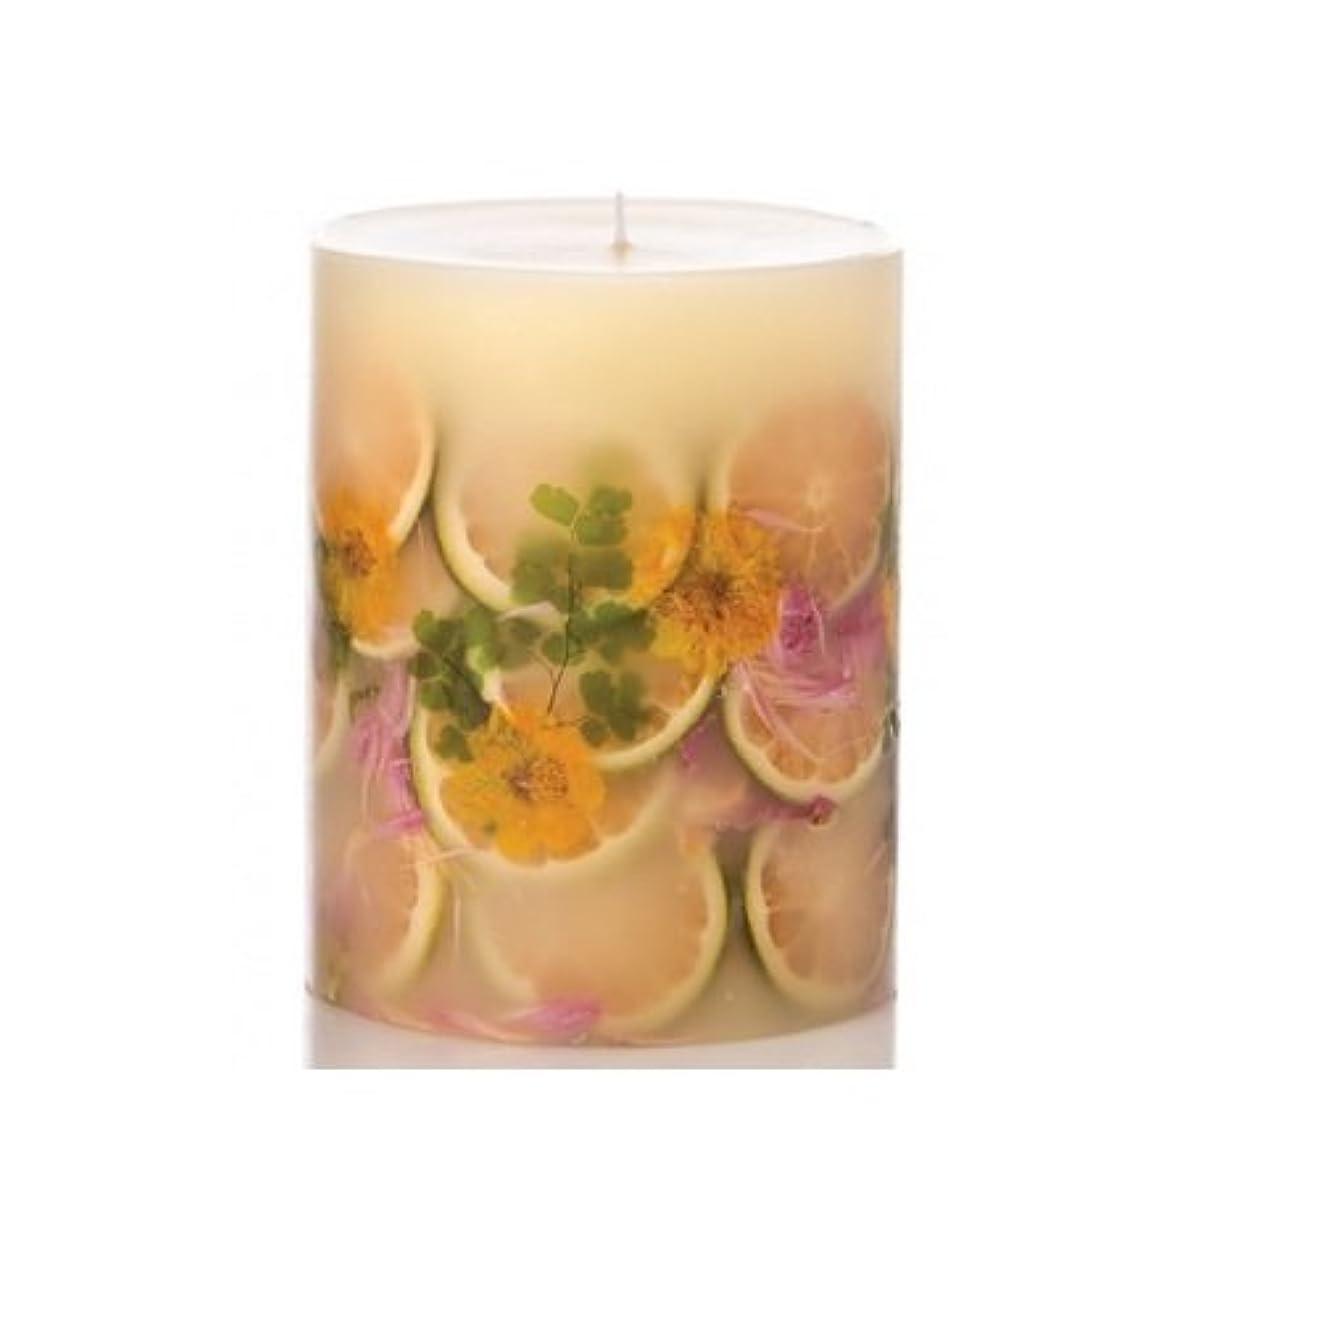 仕出しますおなじみの意味するRosy Rings Lemon Blossom & Lycheeトールラウンド香りのキャンドル、5